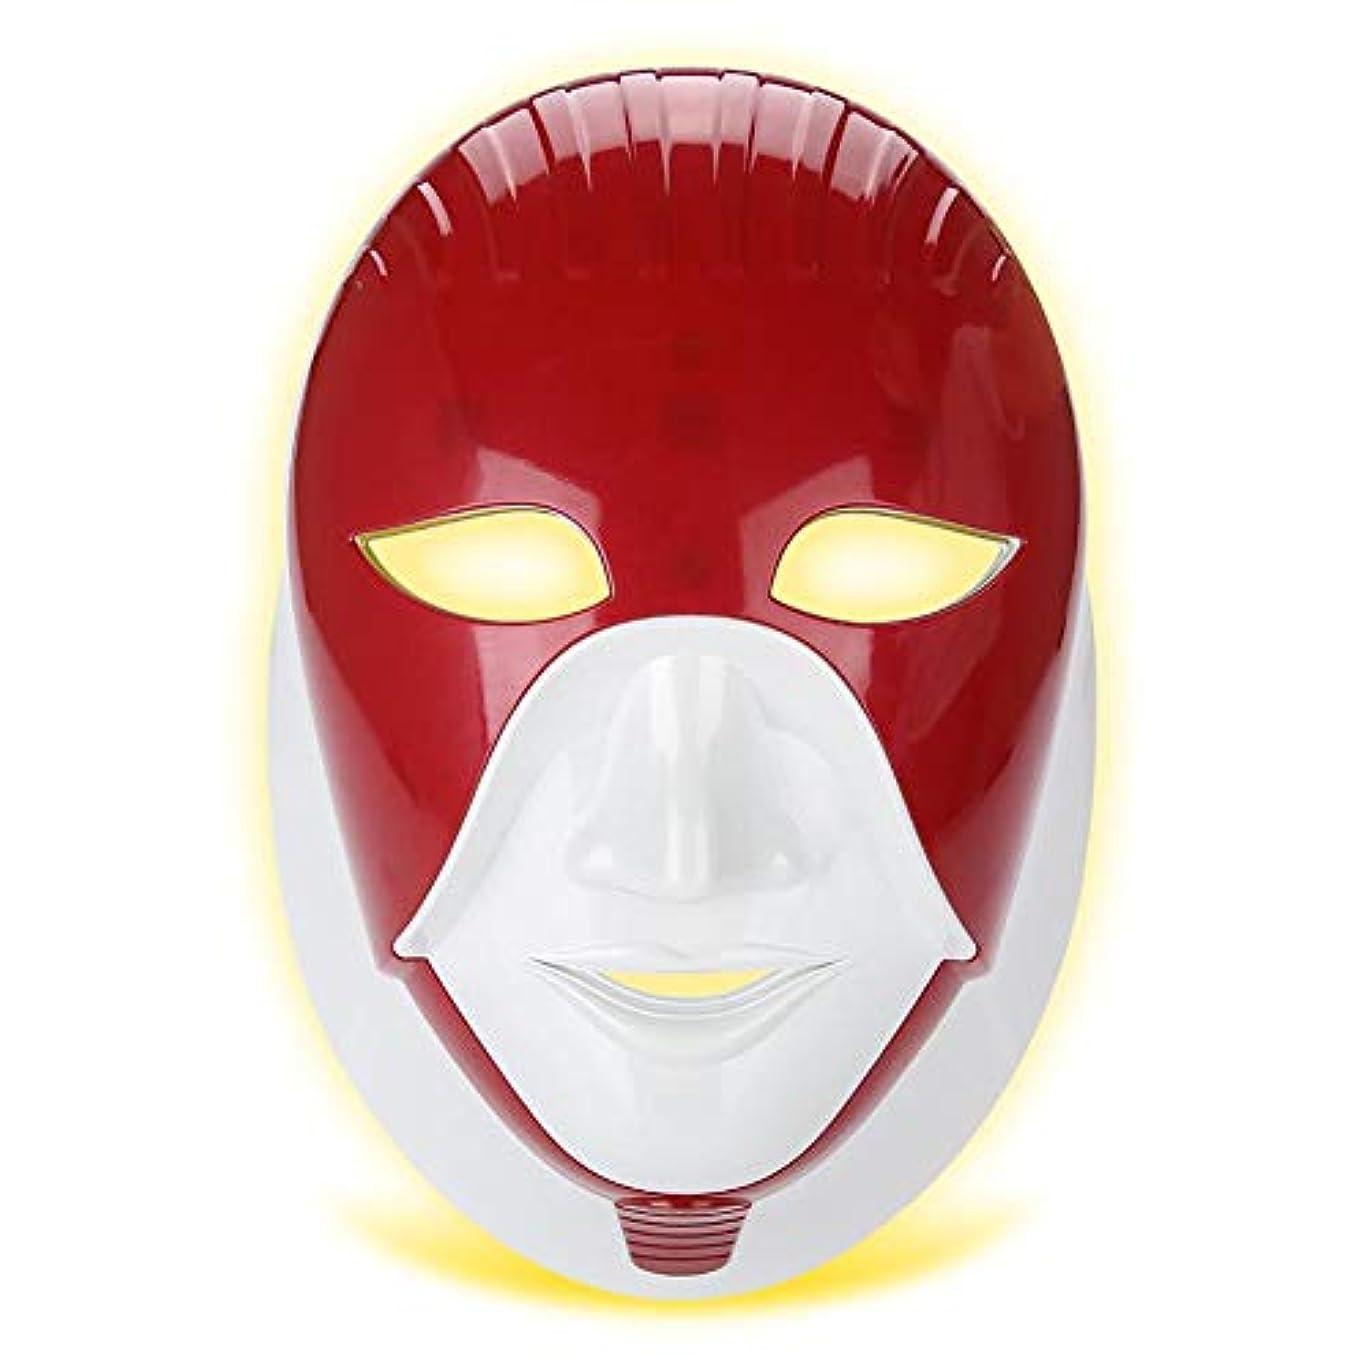 対引退したフィクションLEDフェイシャルネックマスク、滑らかな肌のより良いのための7色のネオン - 輝くライトフェイスケア美容ツール、肌のリラクゼーショング、引き締め、調色、引き締まった肌、瑕疵び、美白(02#)